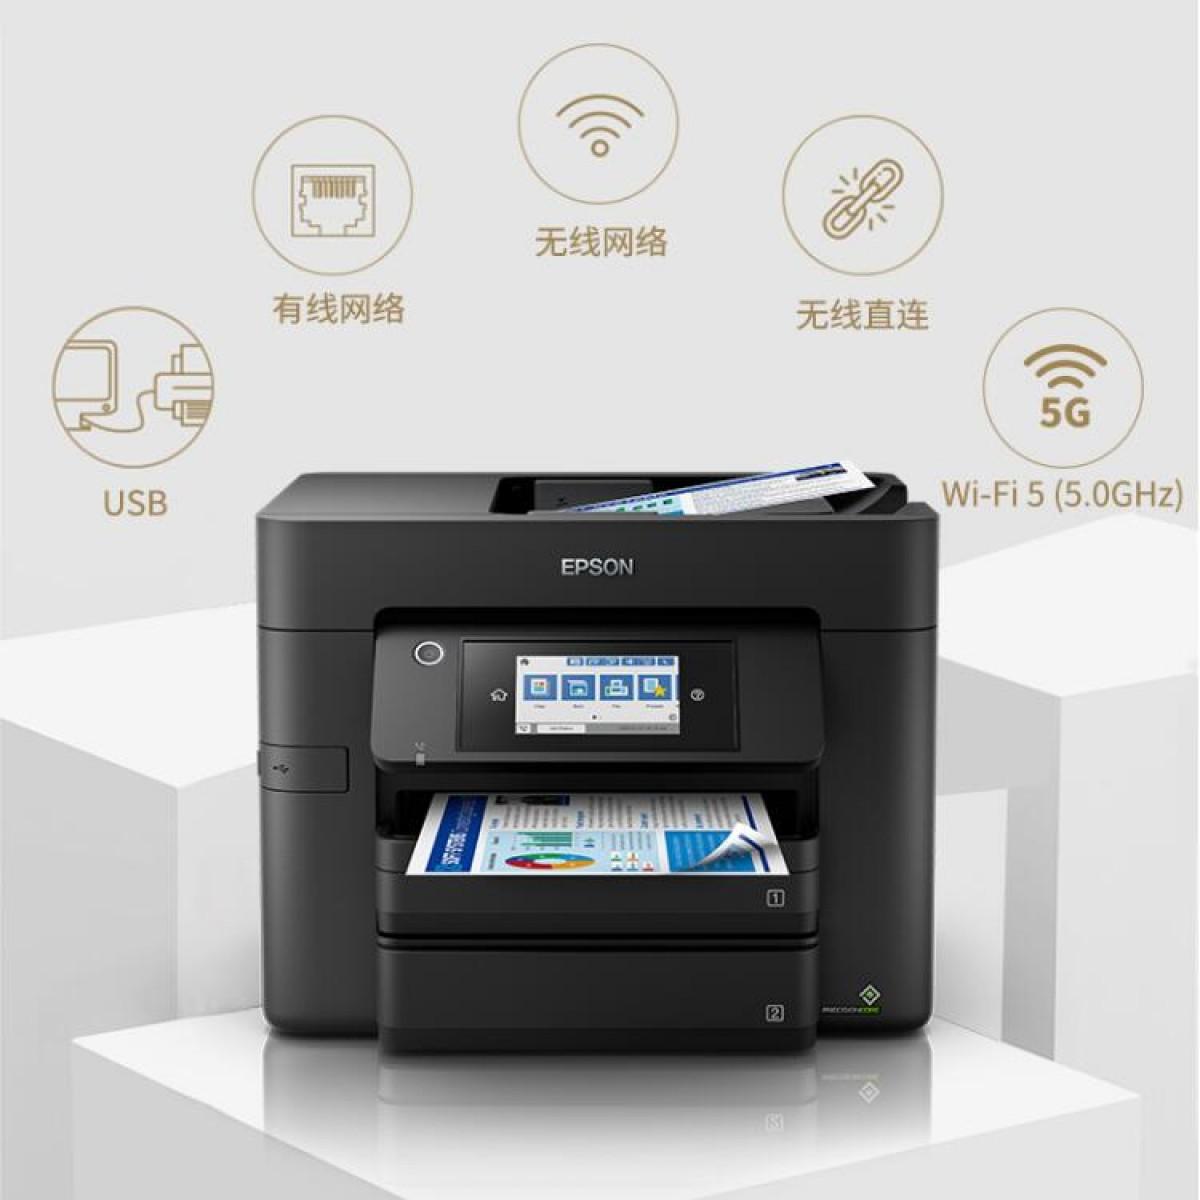 爱普生EPSON彩色喷墨一体机 WF-4838(A4幅面/打印+复印+扫描+传真/自动双面/U盘打印+无线打印/进稿器+双纸盒)